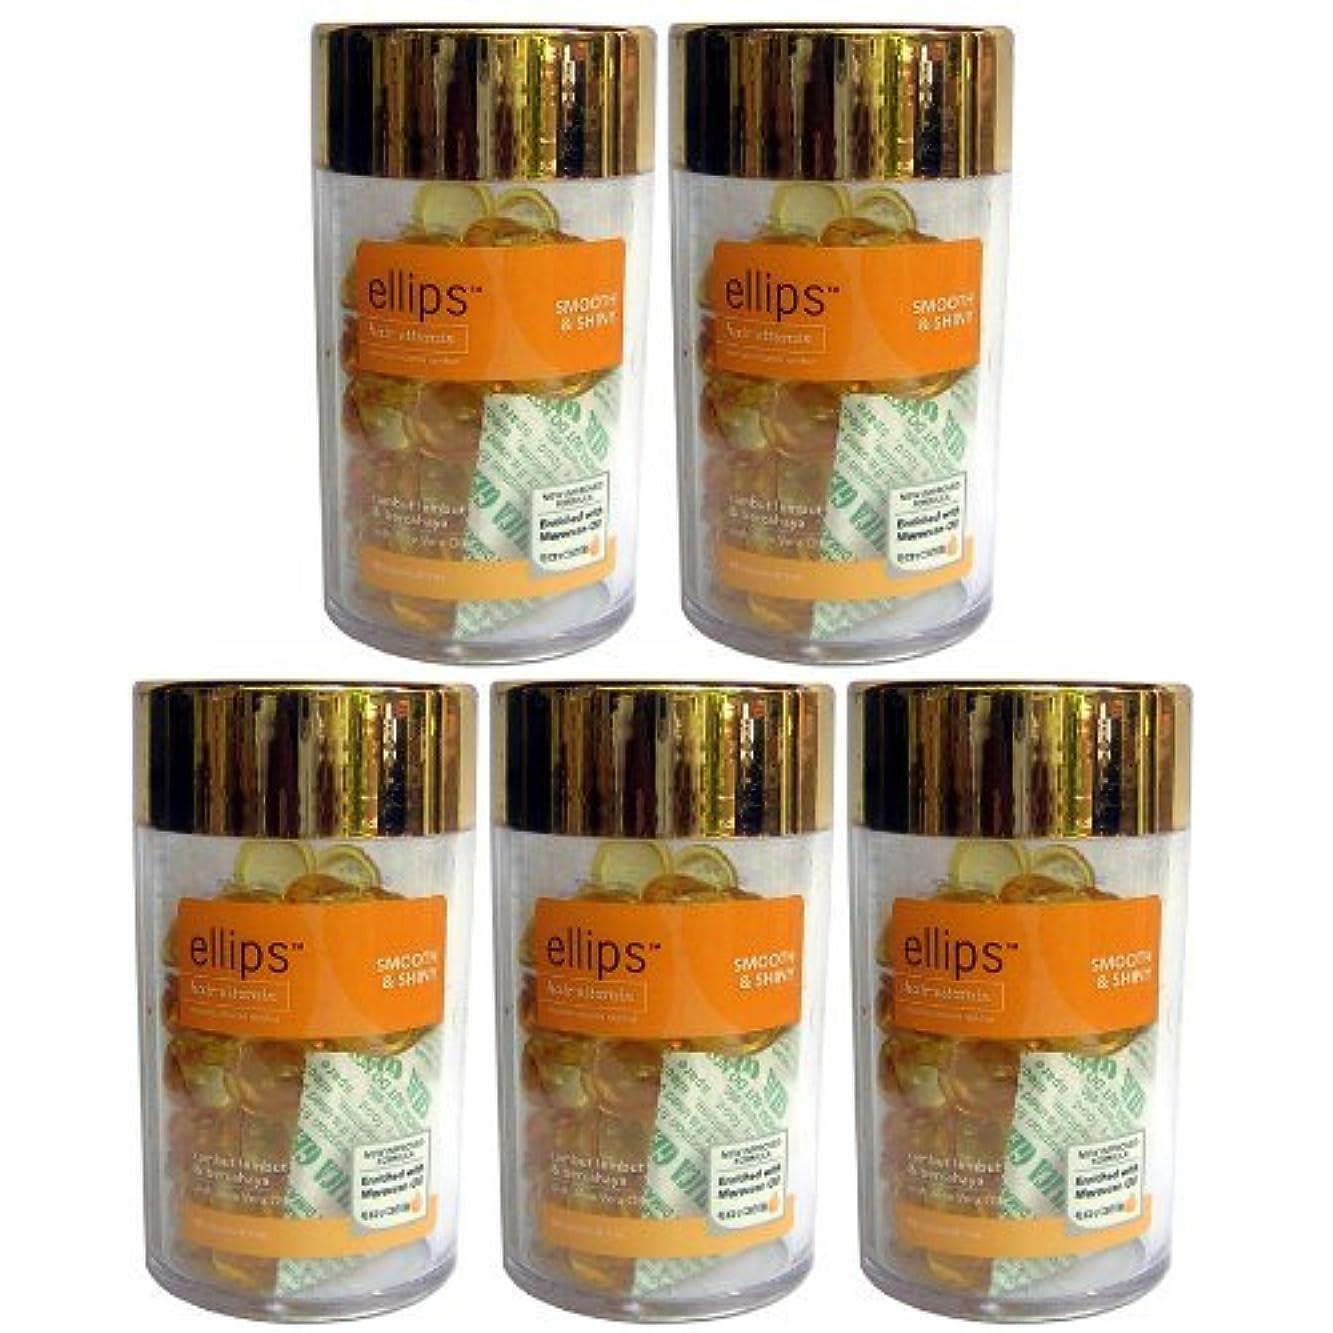 レバー花弁珍味Ellips(エリプス)ヘアビタミン(50粒入)5個セット [並行輸入品][海外直送品] イエロー